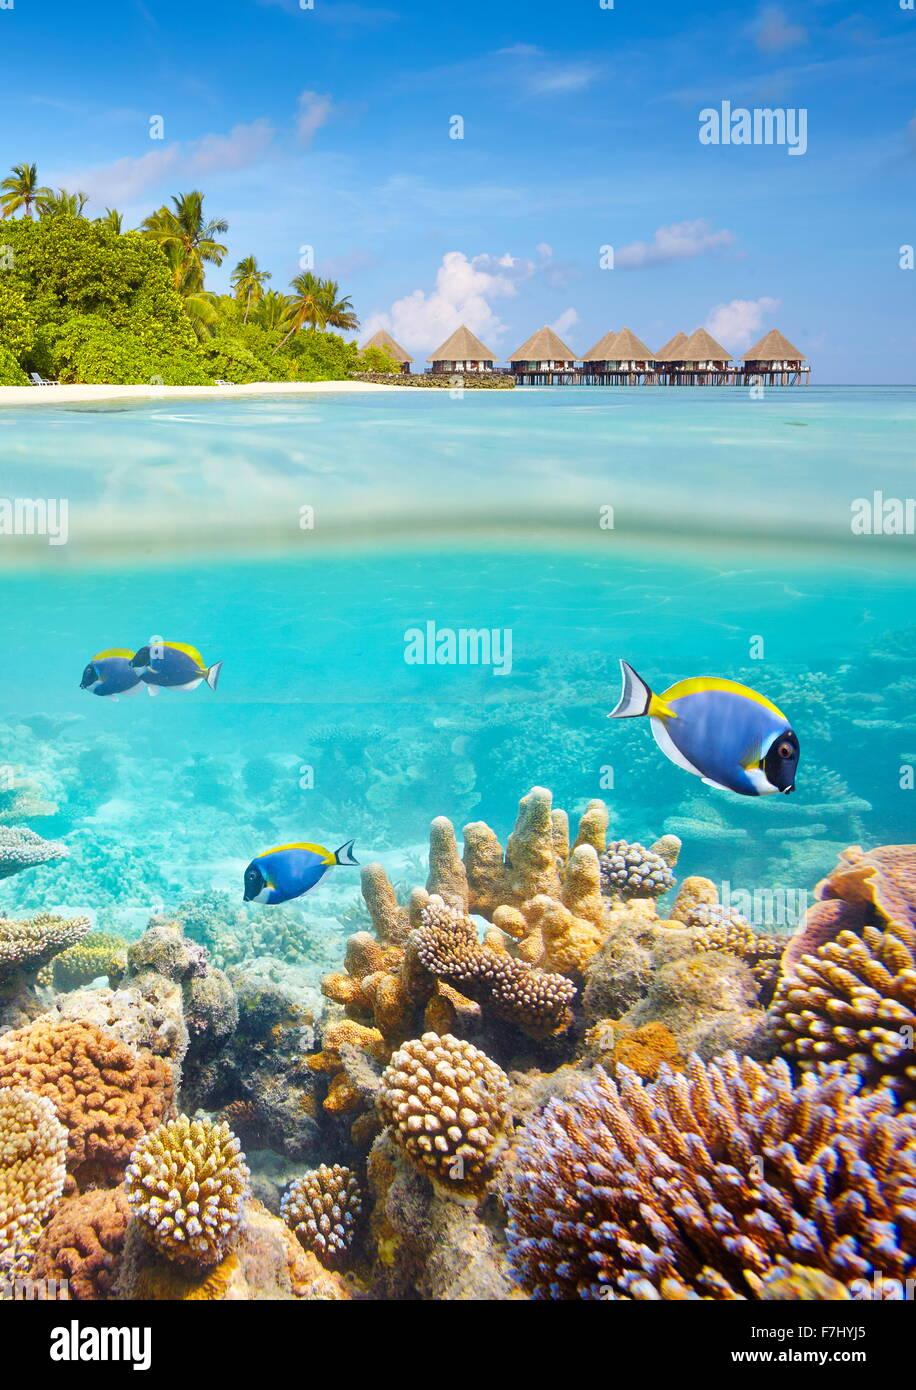 Vista submarina con coral y peces, Islas Maldivas Foto de stock